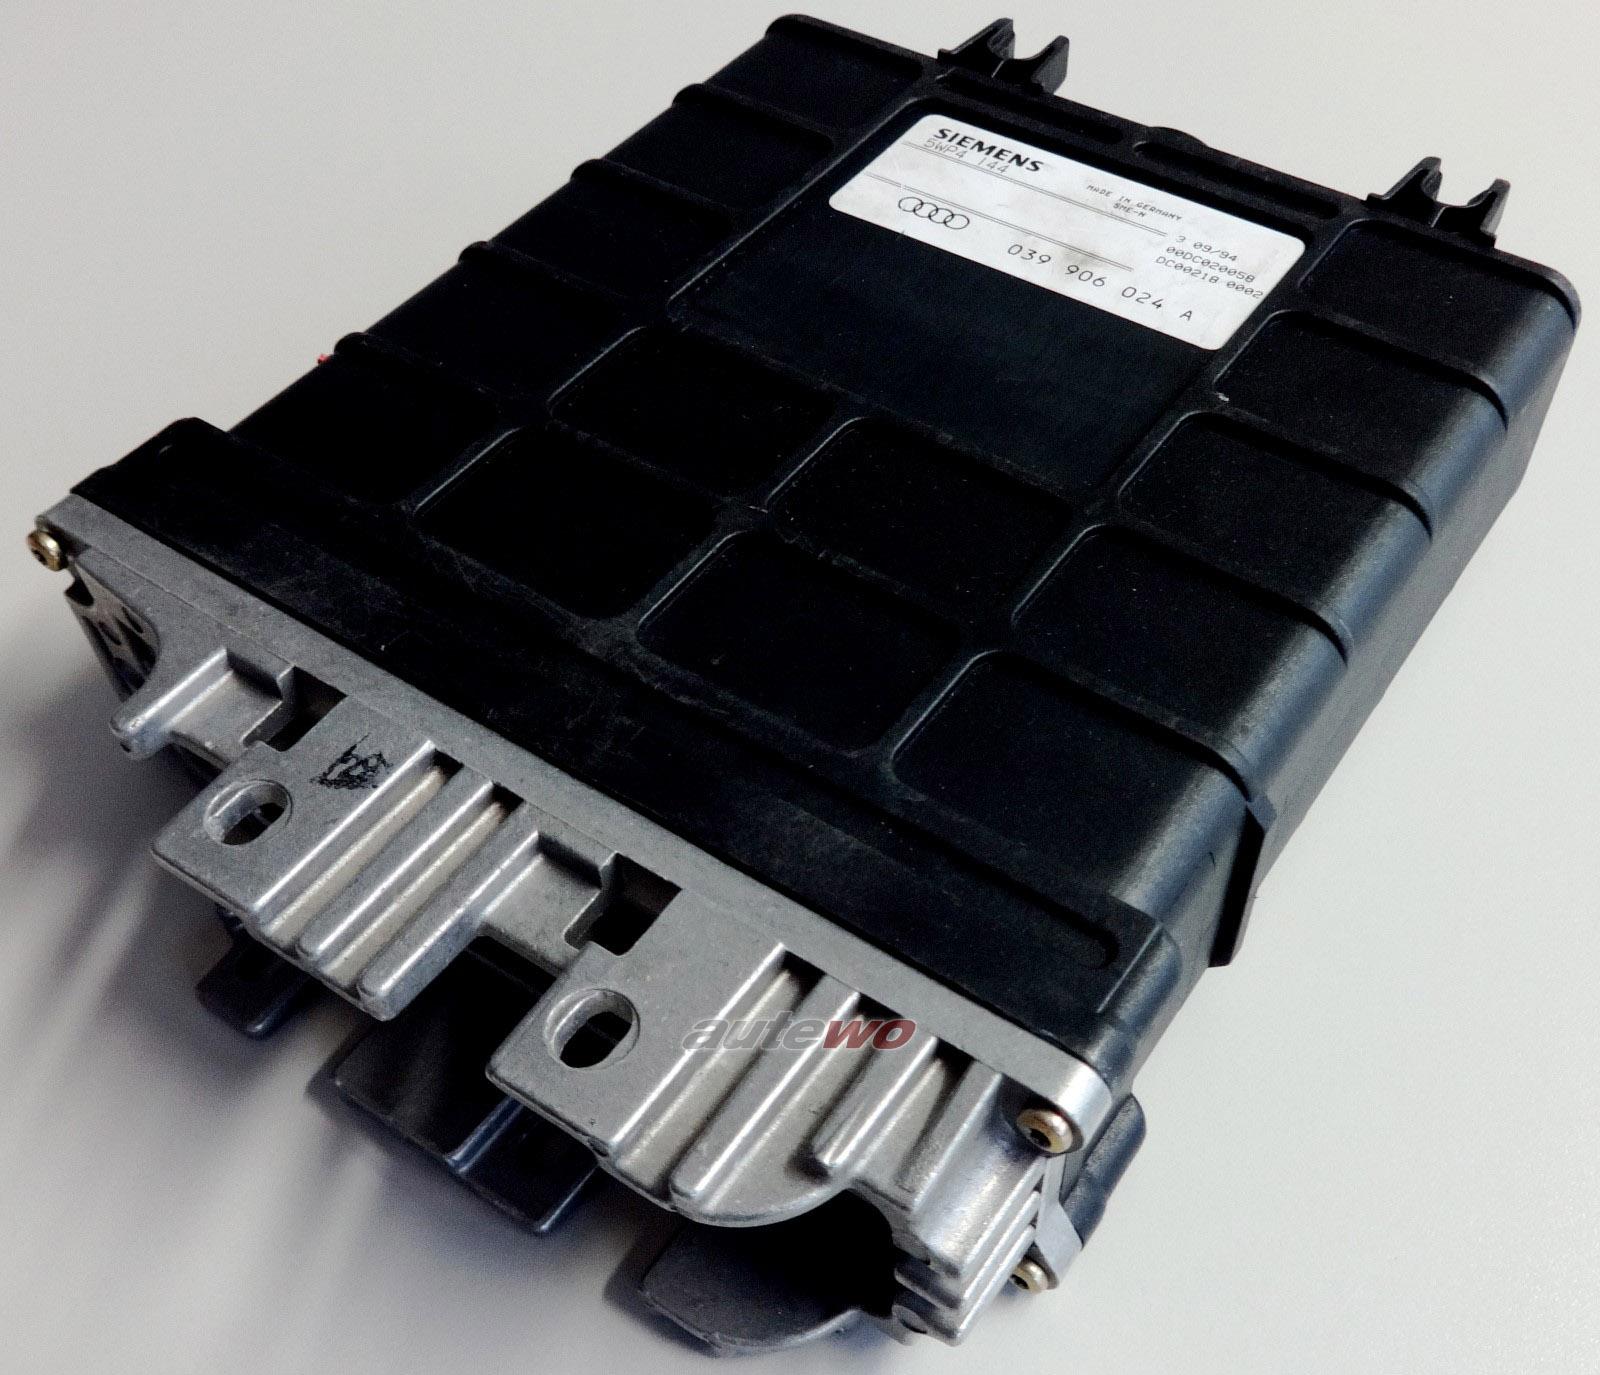 #039997024 X 039906024A 5WP4144 Audi 80 B4/100 C4 2.0l 115PS 4 Zyl. ABK Motorsteuergerät